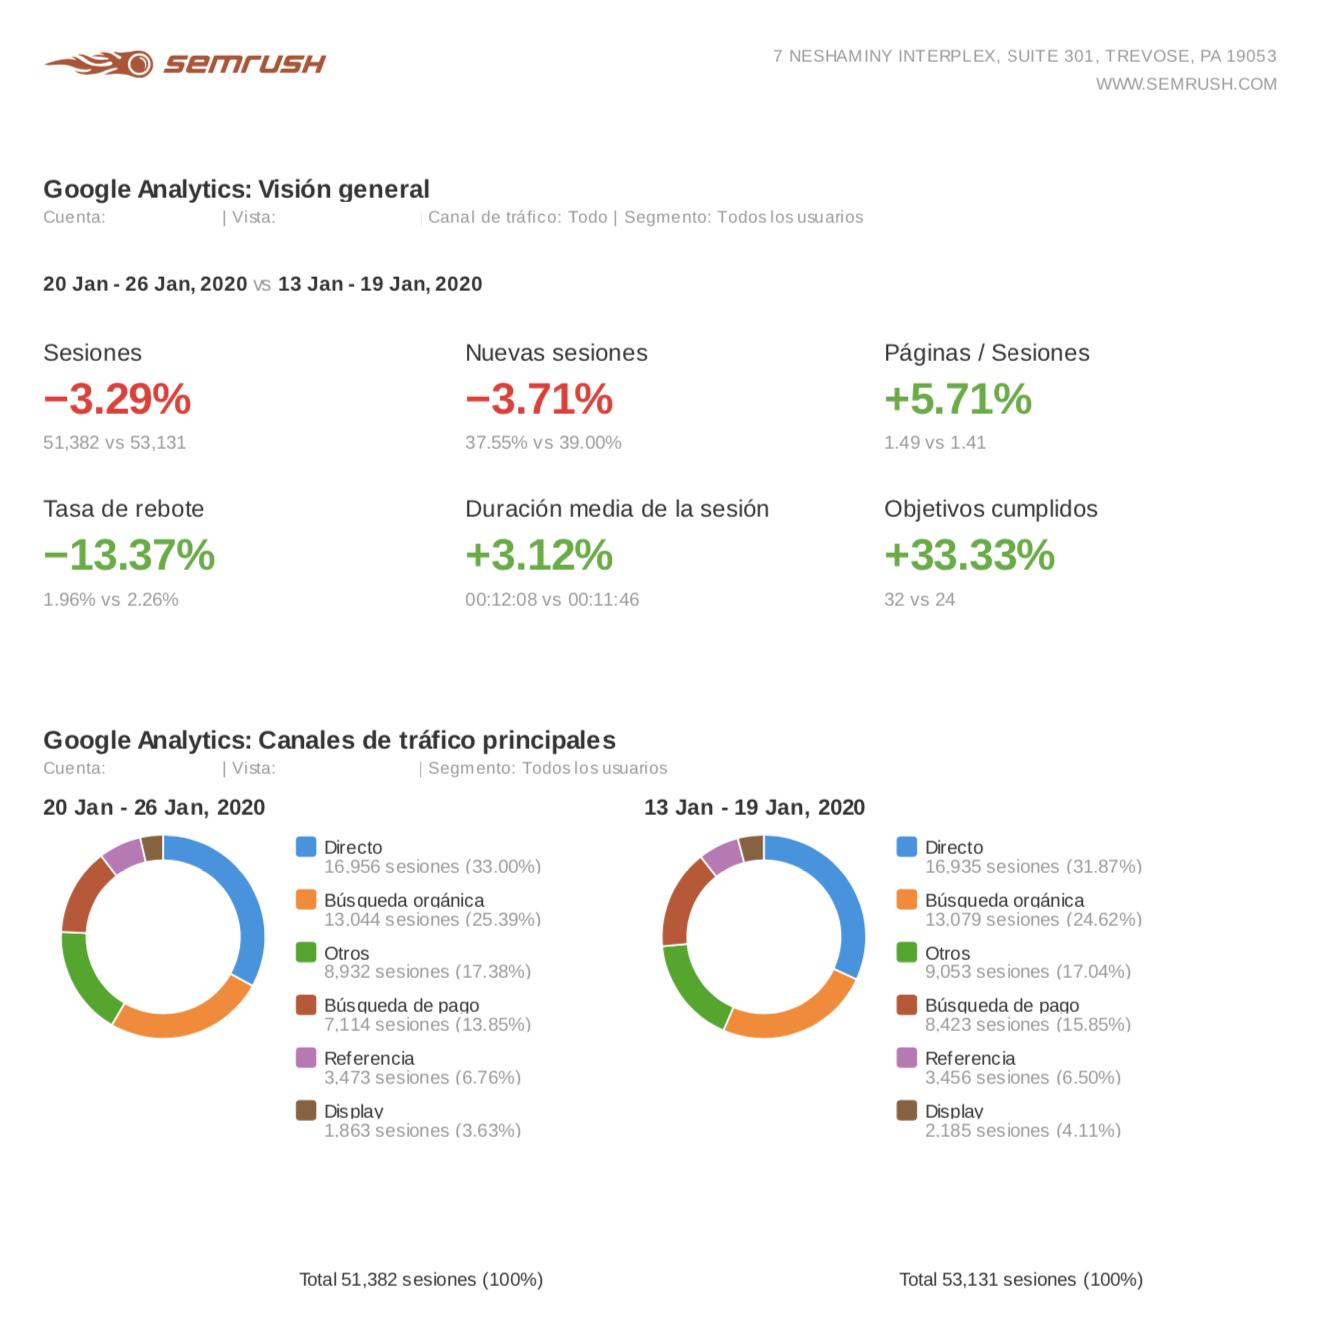 Informes de marketing - Visión general de Google Analytics